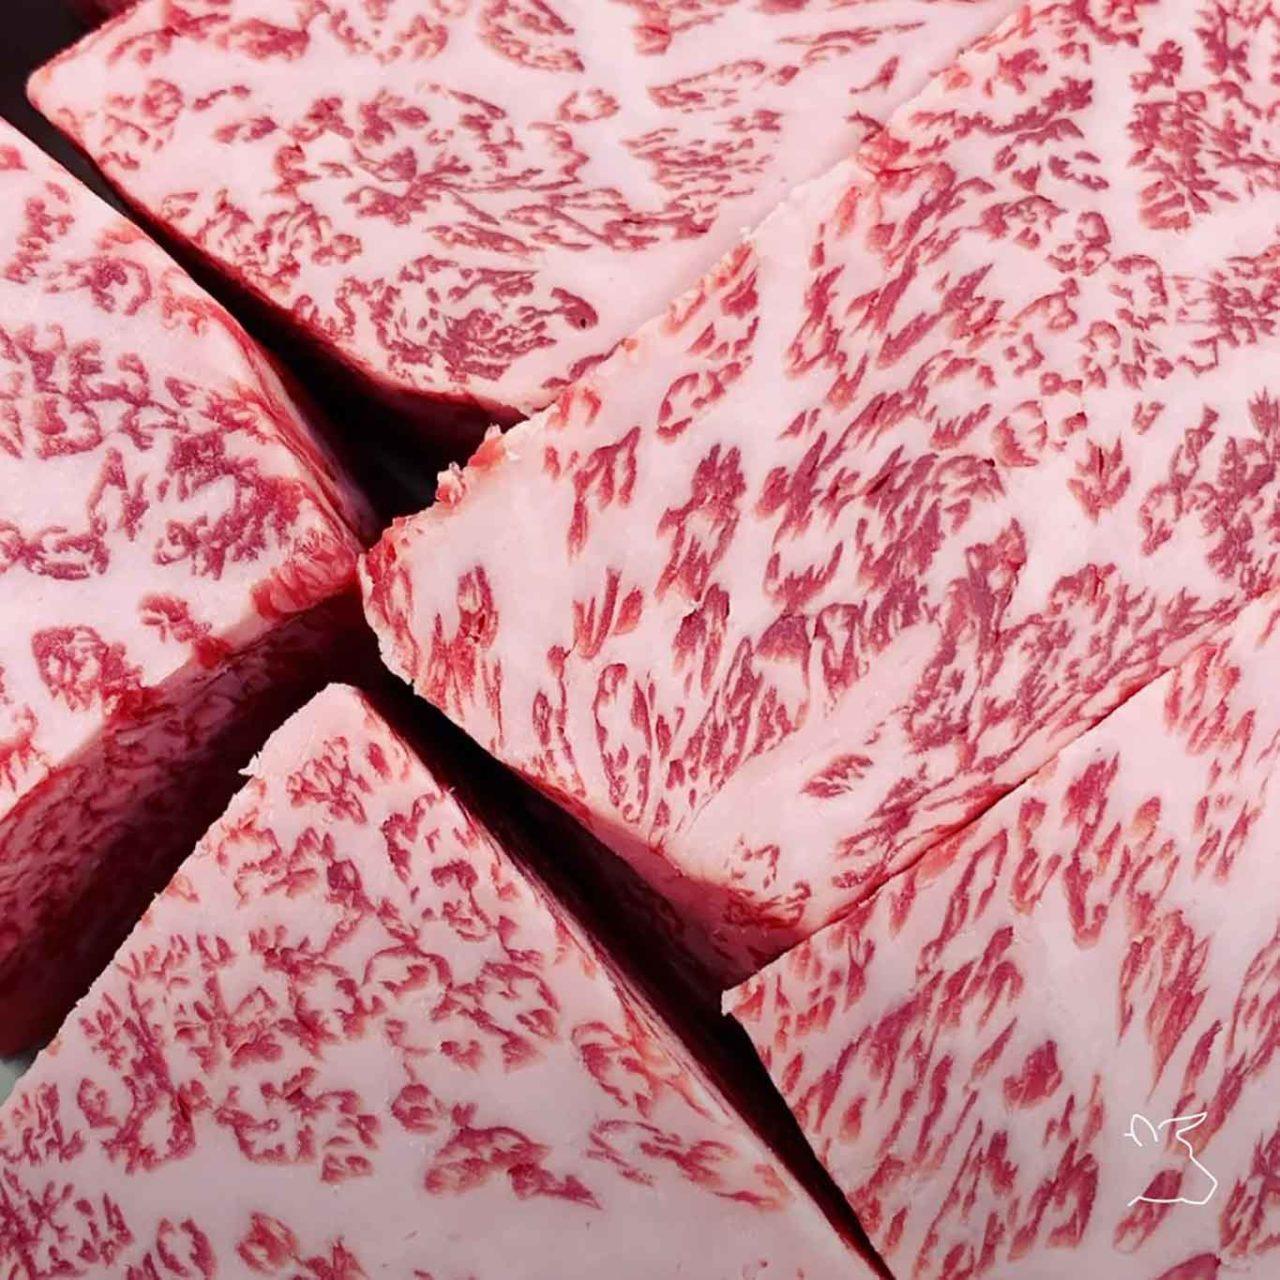 macellerie online steak Shimofuri